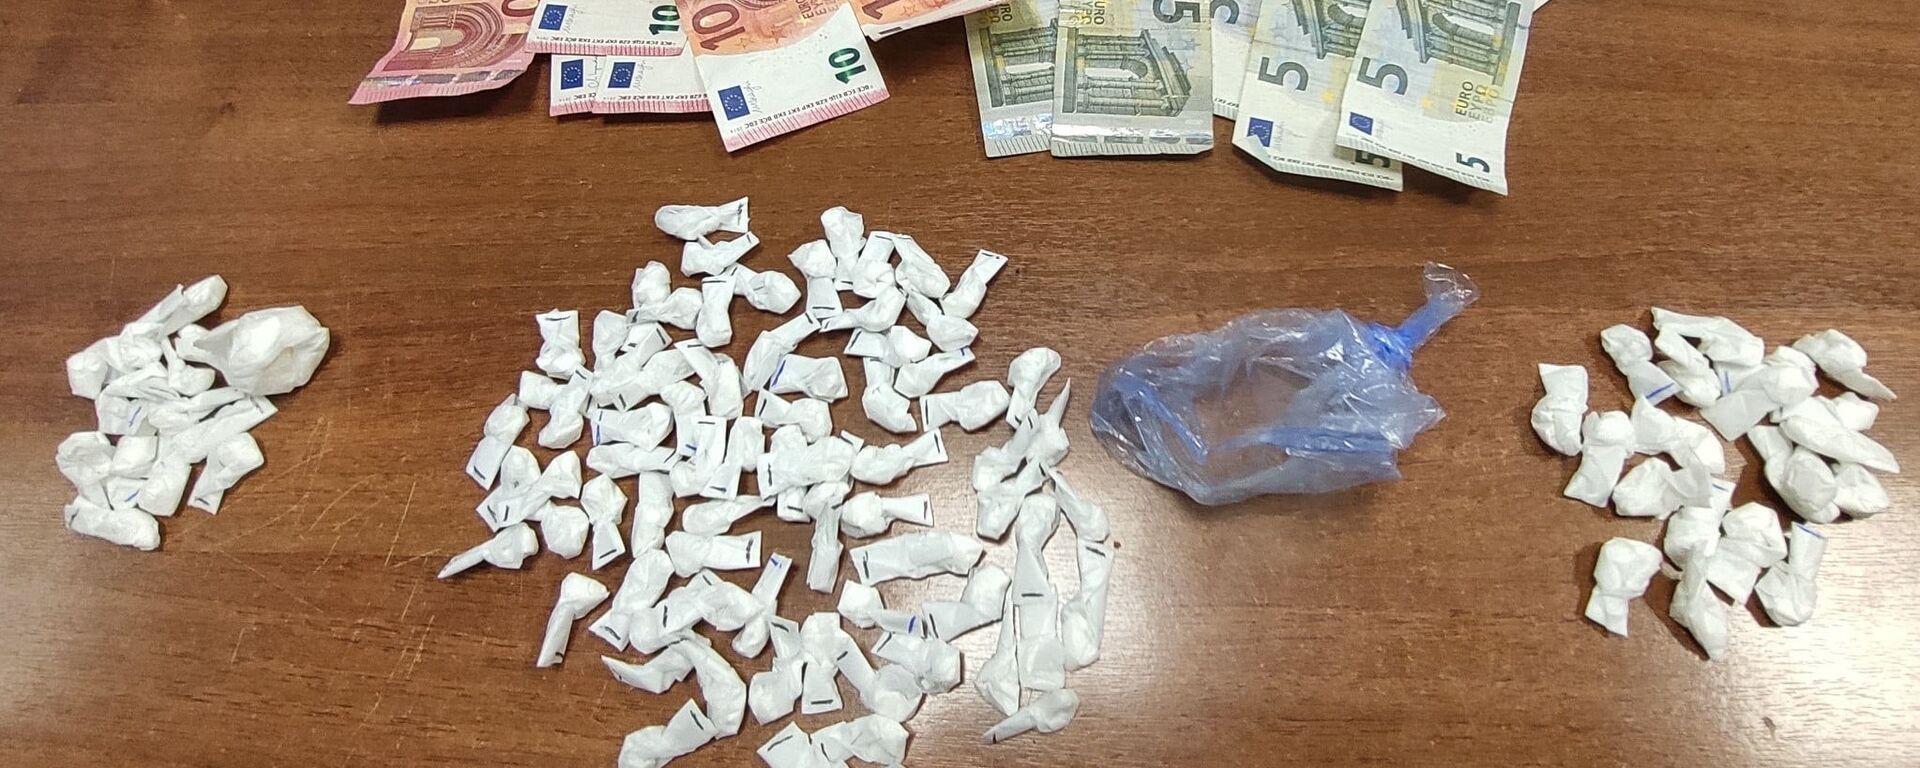 droga e denaro sequestrati dalla polizia di stato a Roma - Sputnik Italia, 1920, 06.09.2021